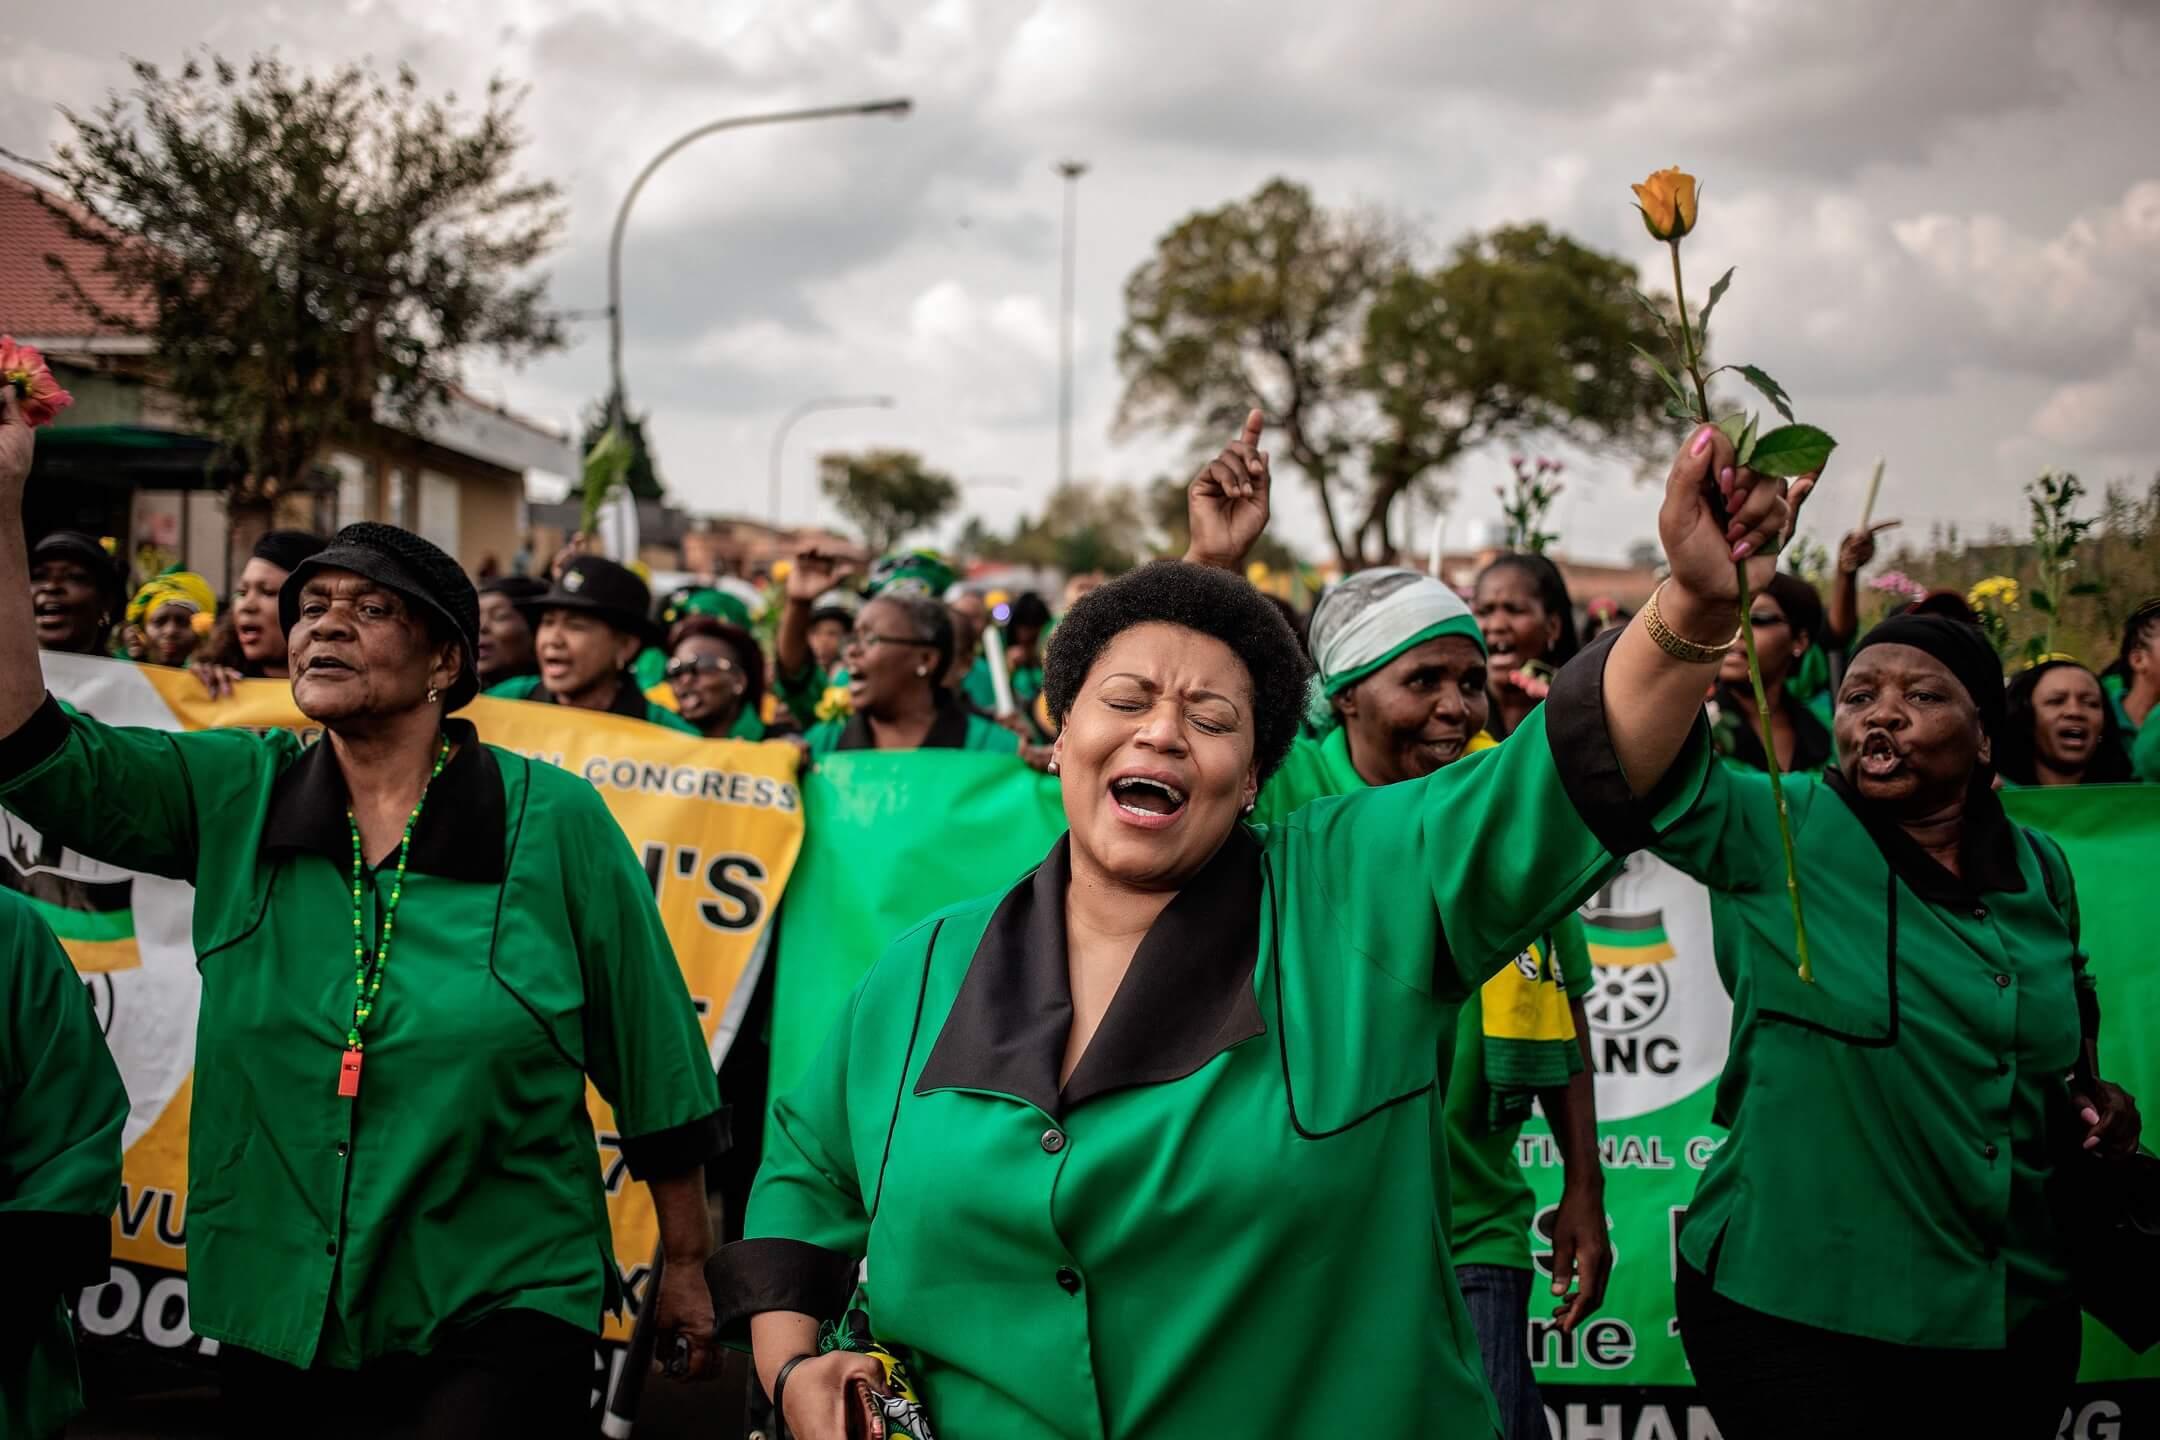 2018年4月4日,南非約翰內斯堡城鎮索韋托,非洲人國民大會 (African National Congress, ANC) 女子聯盟成員到街上遊行,紀念剛逝世的反種族隔離運動抗爭者、兼已故南非總統曼德拉前妻 Winnie Madikizela-Mandela。 攝:Gianluigi Guercia/AFP/Getty Images